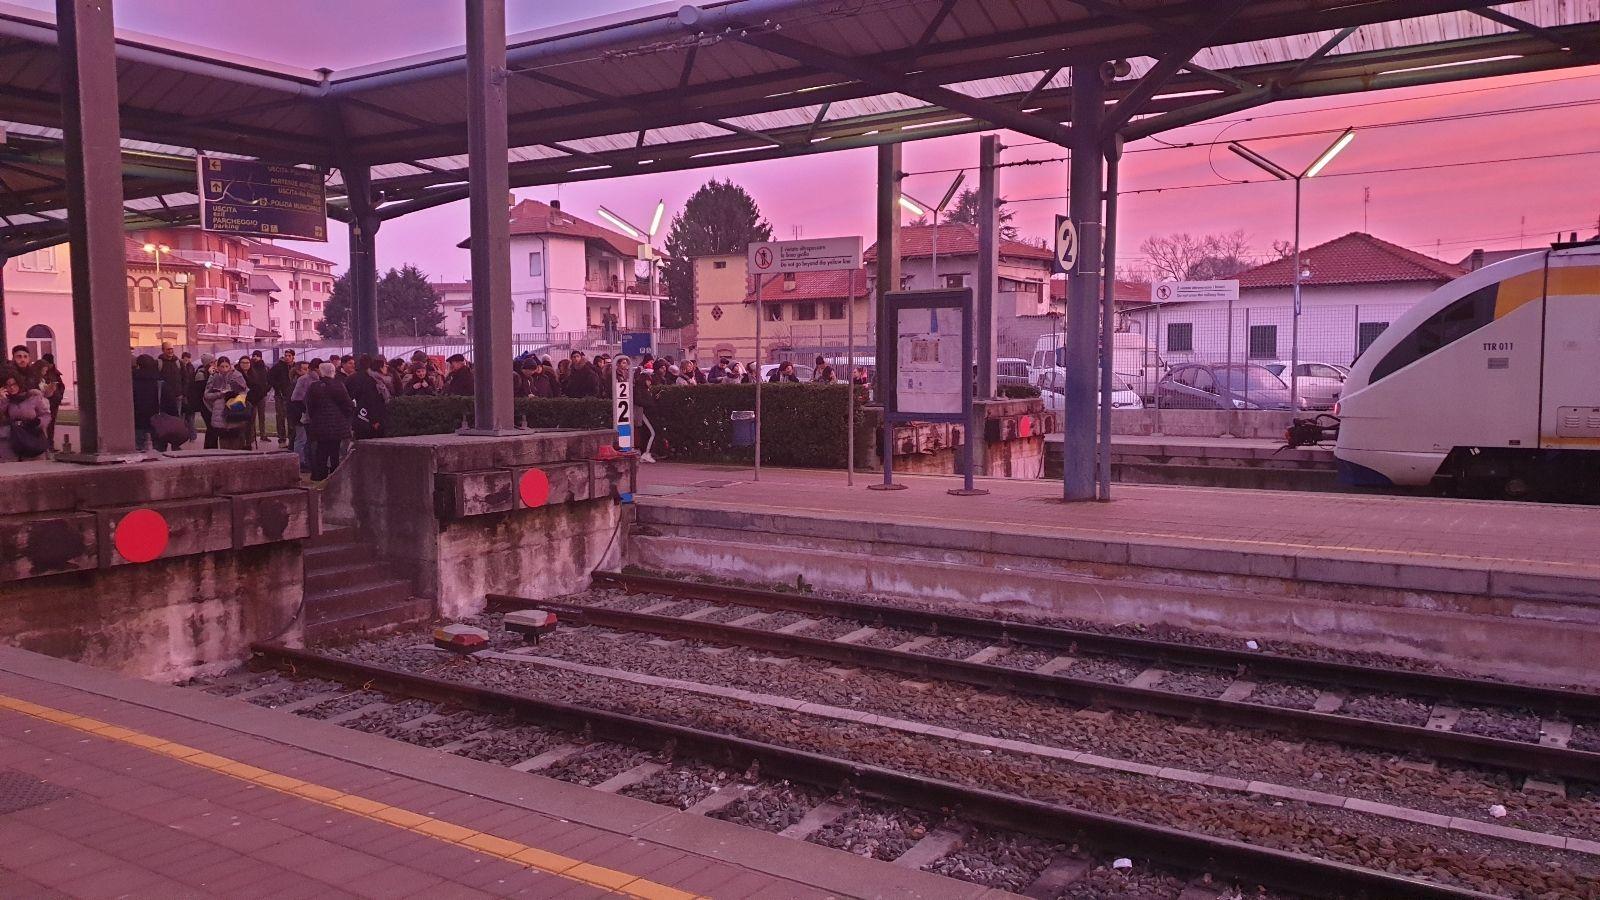 RIVAROLO - Treno fermo, pendolari restano al freddo in attesa